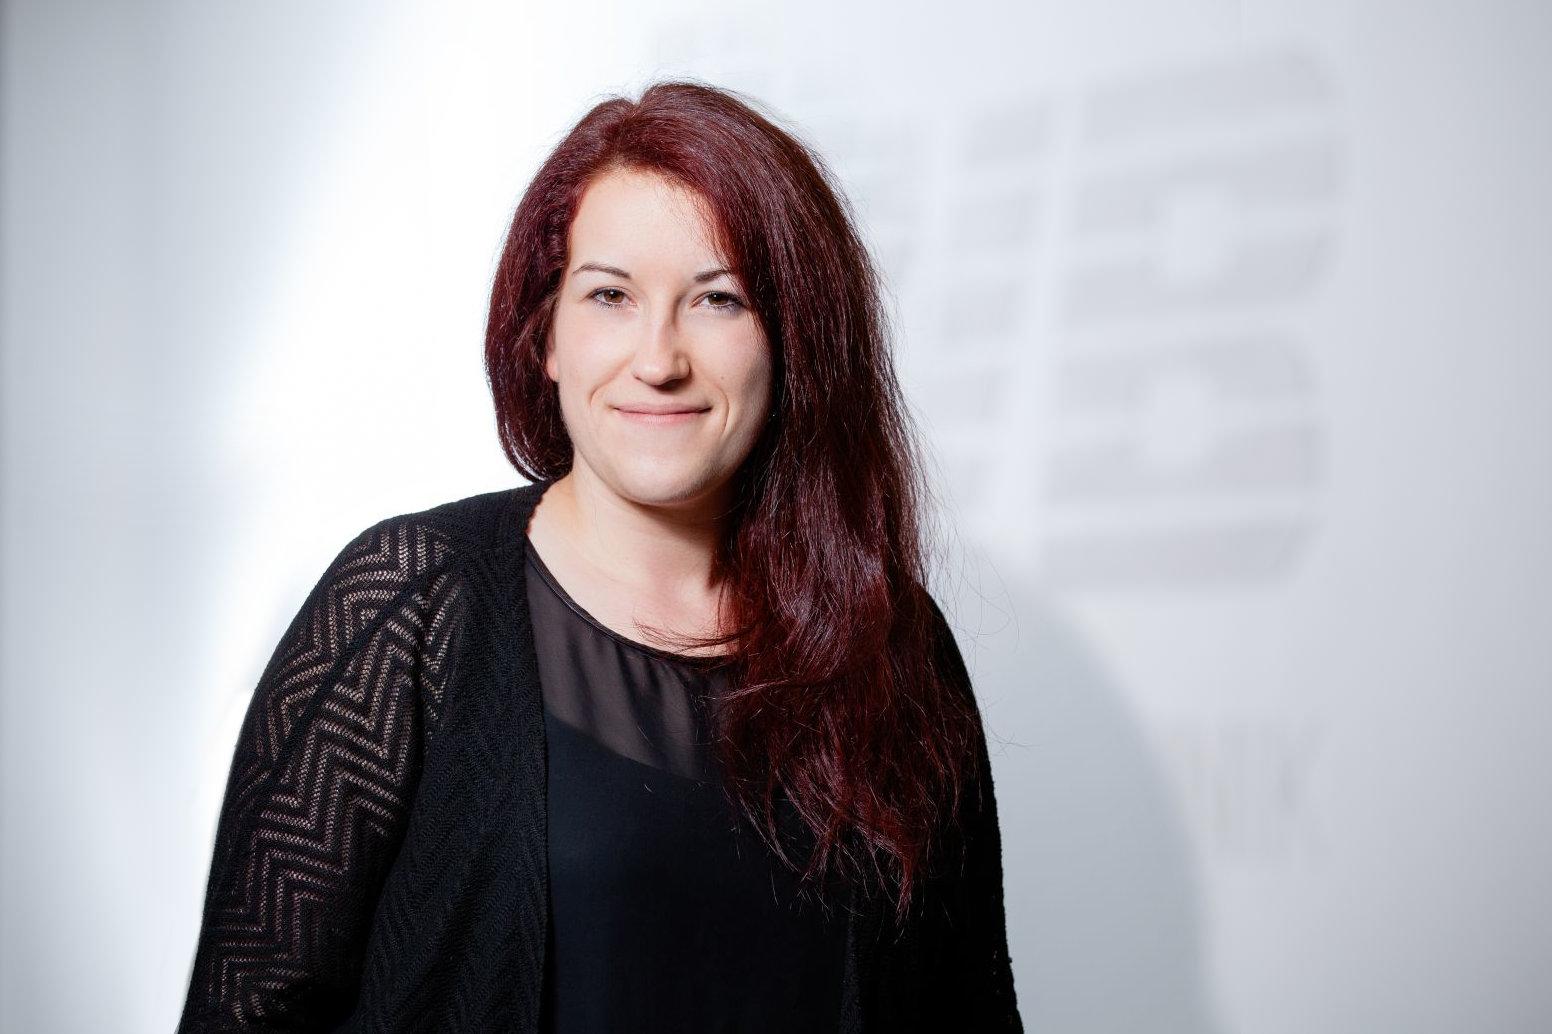 Jaqueline Seyfarth: Vertriebsinnendienst